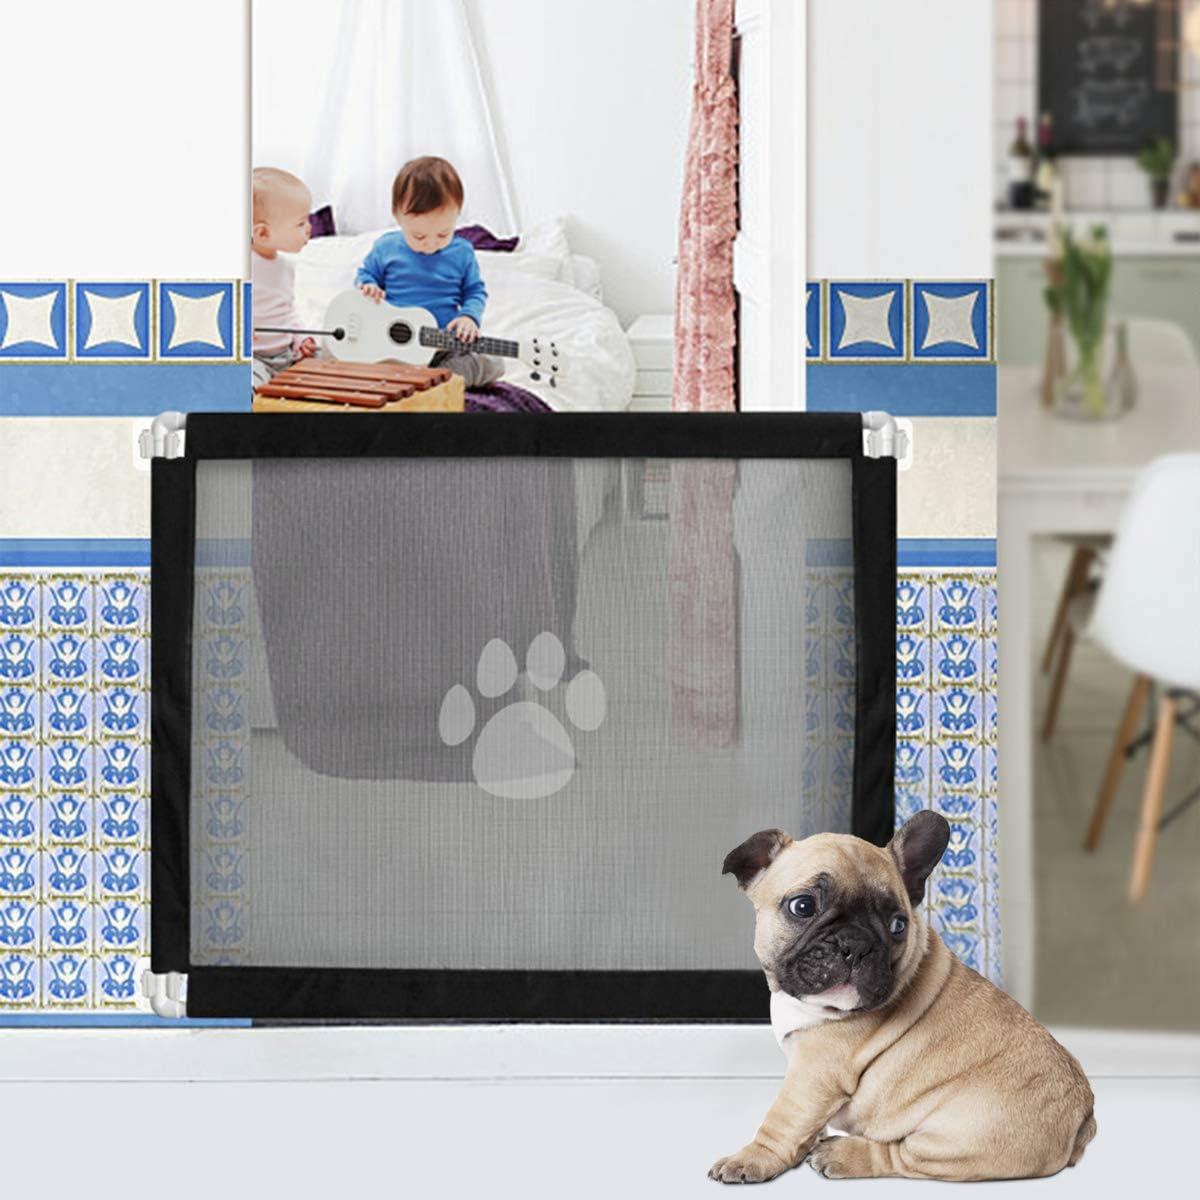 Hunde /& Katzen Namsan Magic Gate Hundeschutzgitter Hundebarrieren 180 X 72 cm Hundebarrieren Faltbar Hunde T/ürschutzgitter f/ür Babys